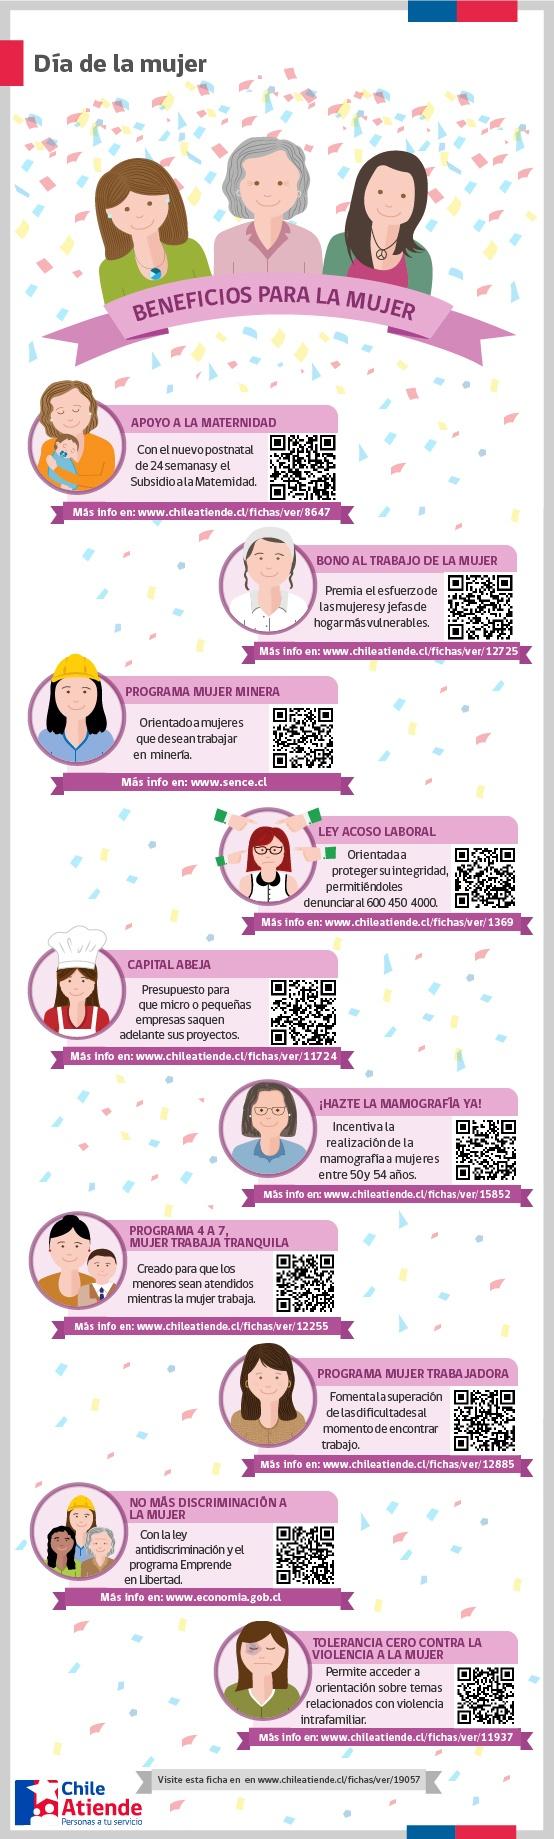 Beneficios para la mujer